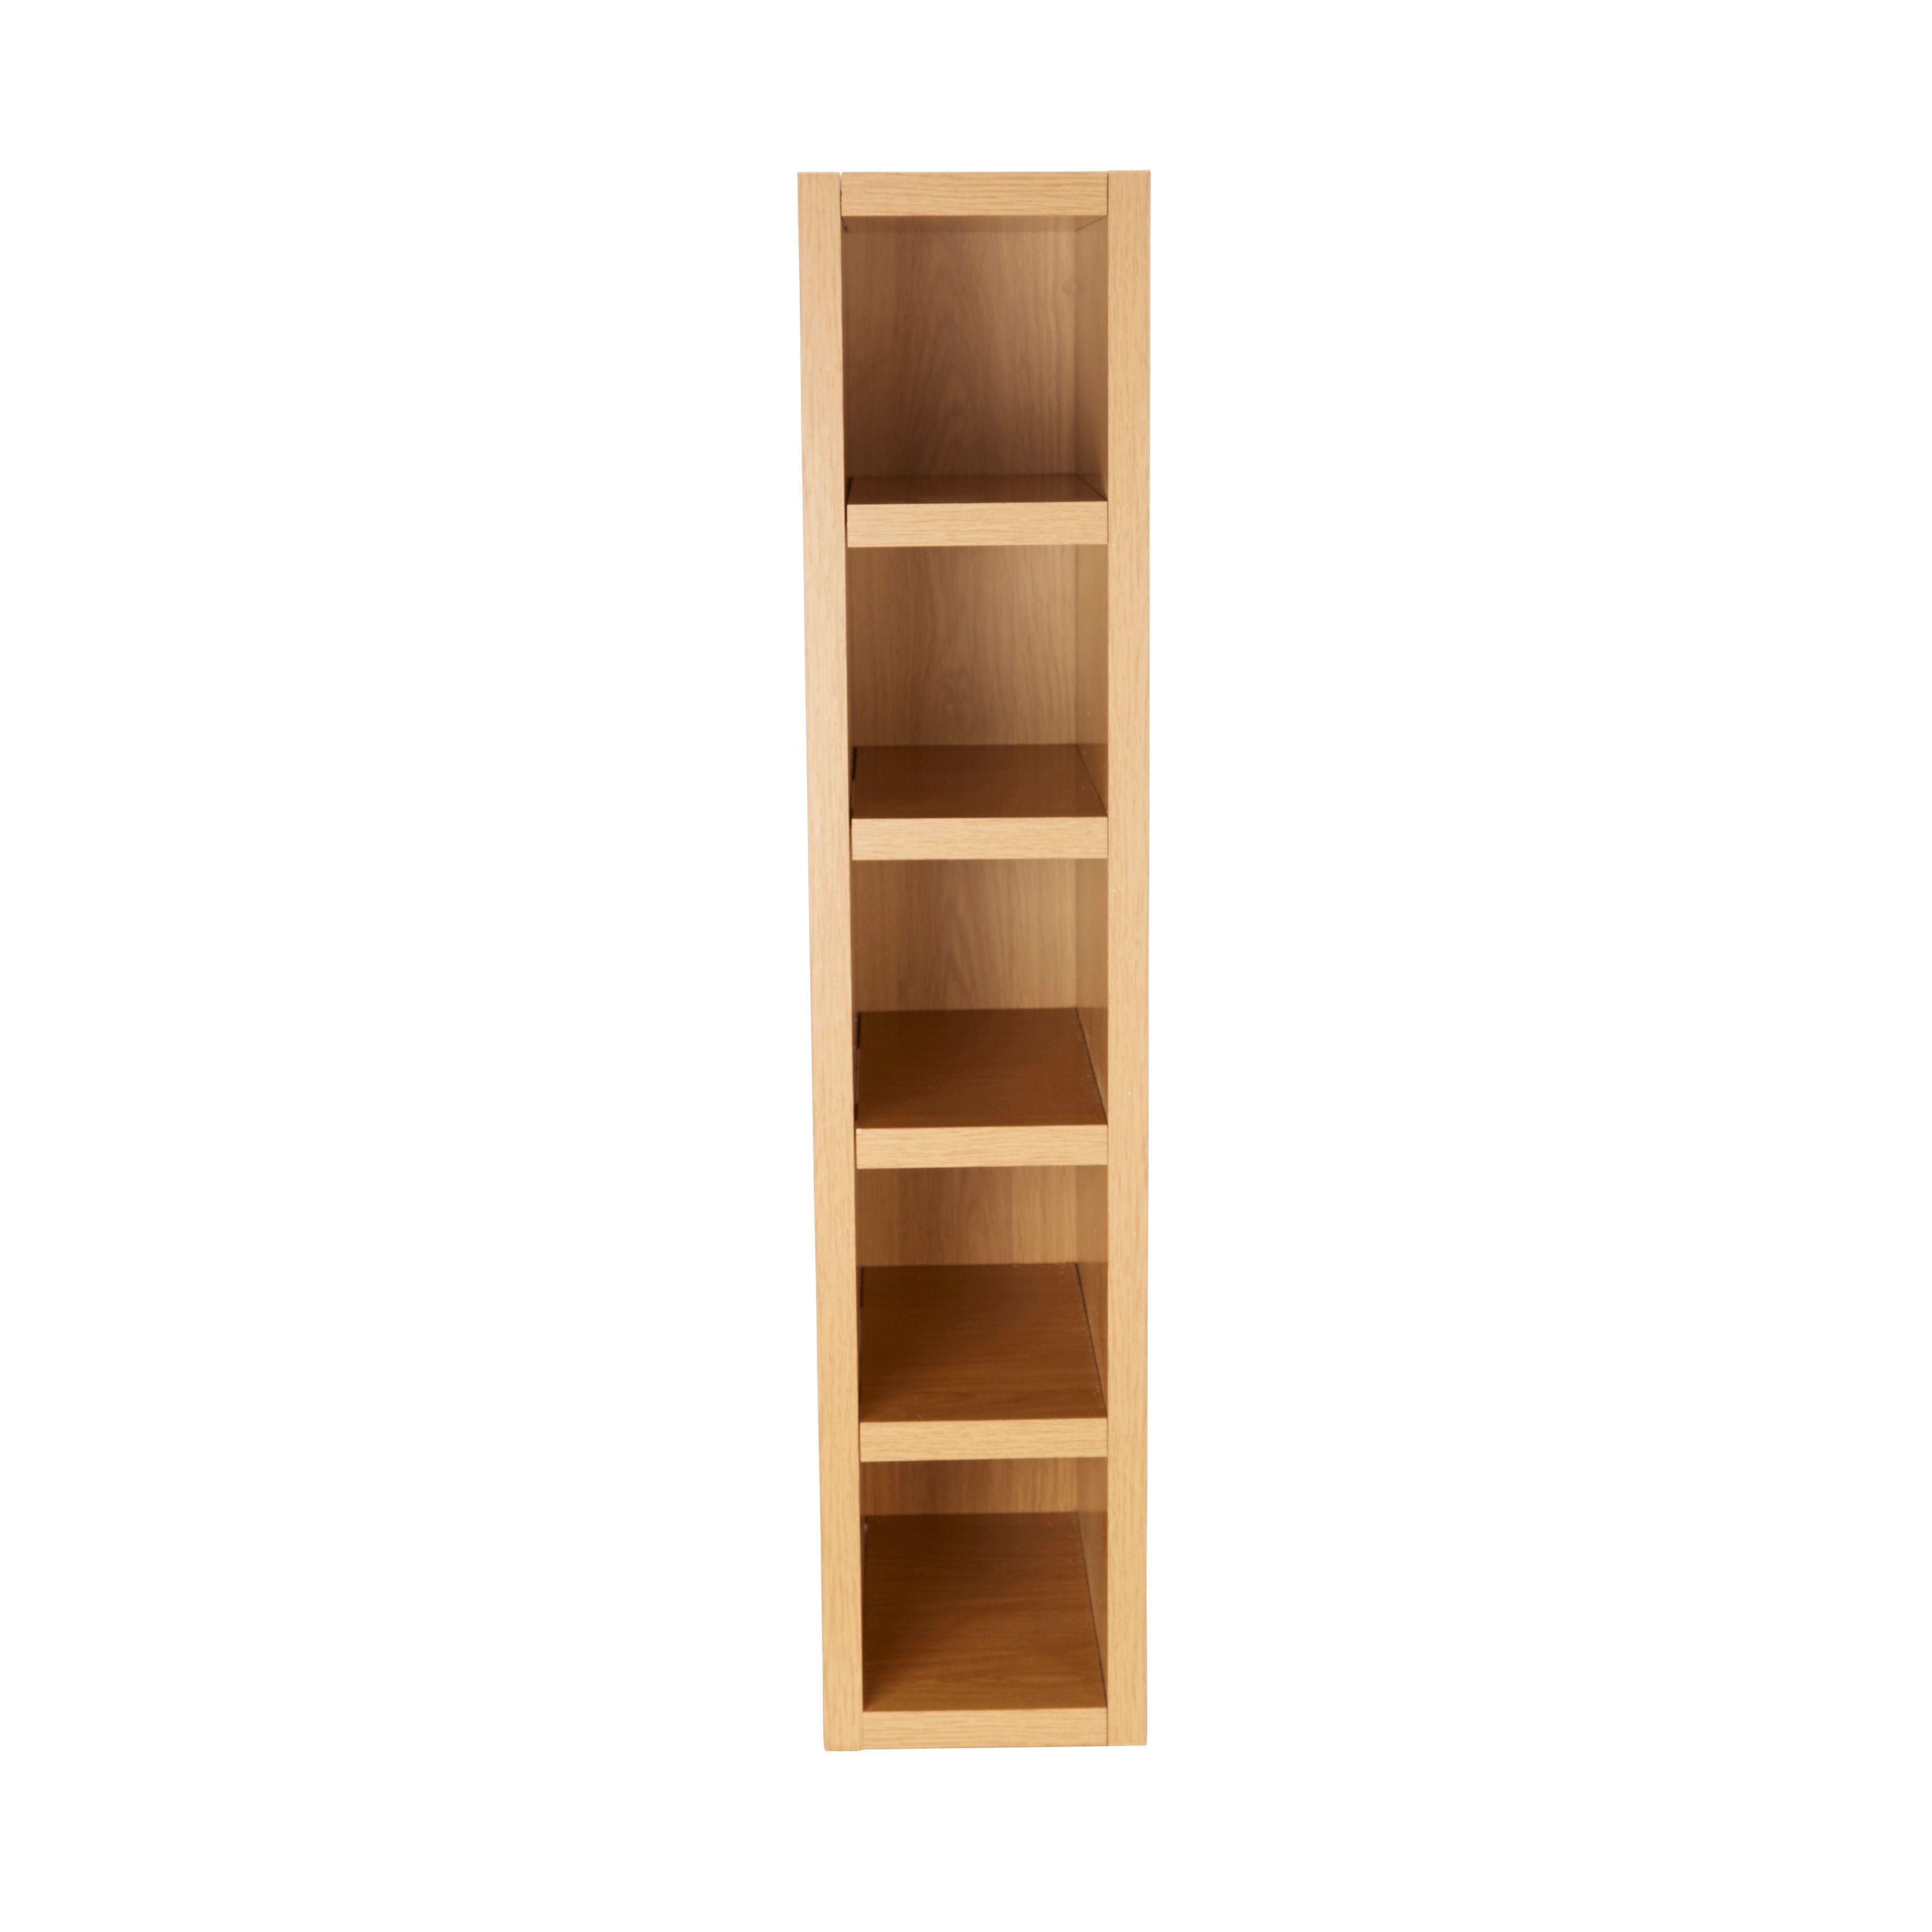 Cooke & Lewis Oak Effect Wine Rack Cabinet (W)150Mm -